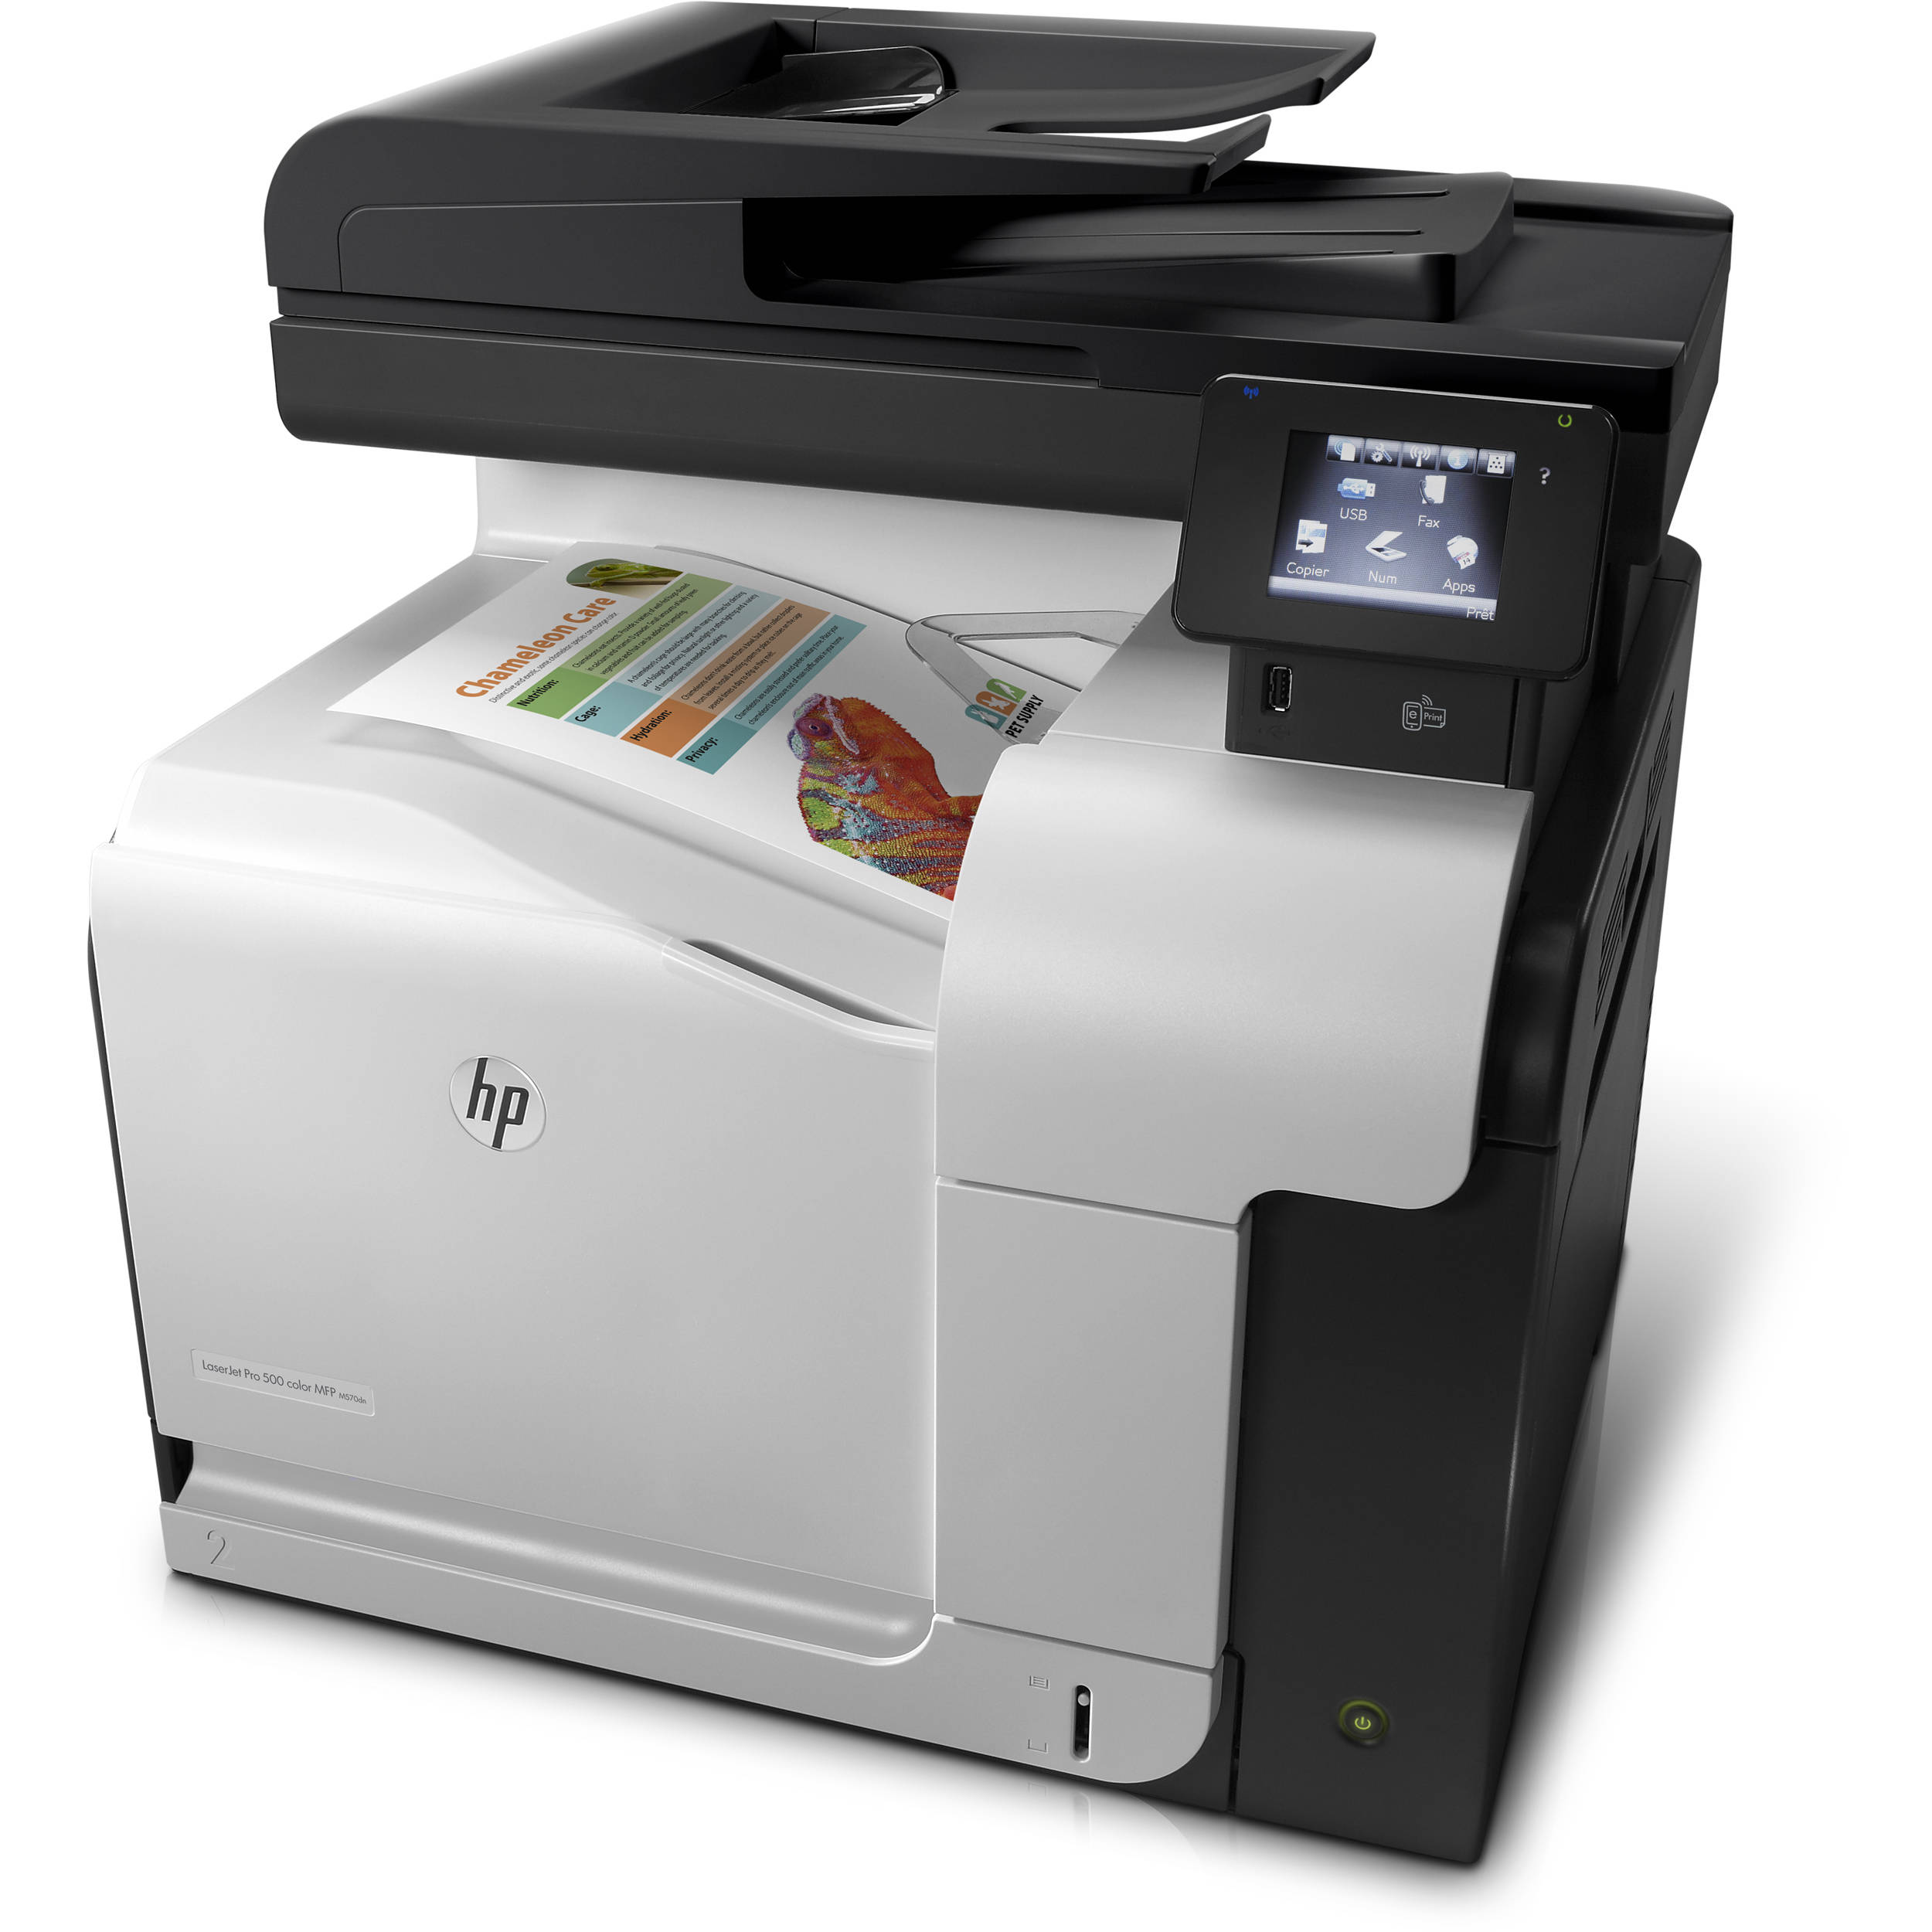 HP M570dn LaserJet Pro 500 All-in-One Color Laser Printer